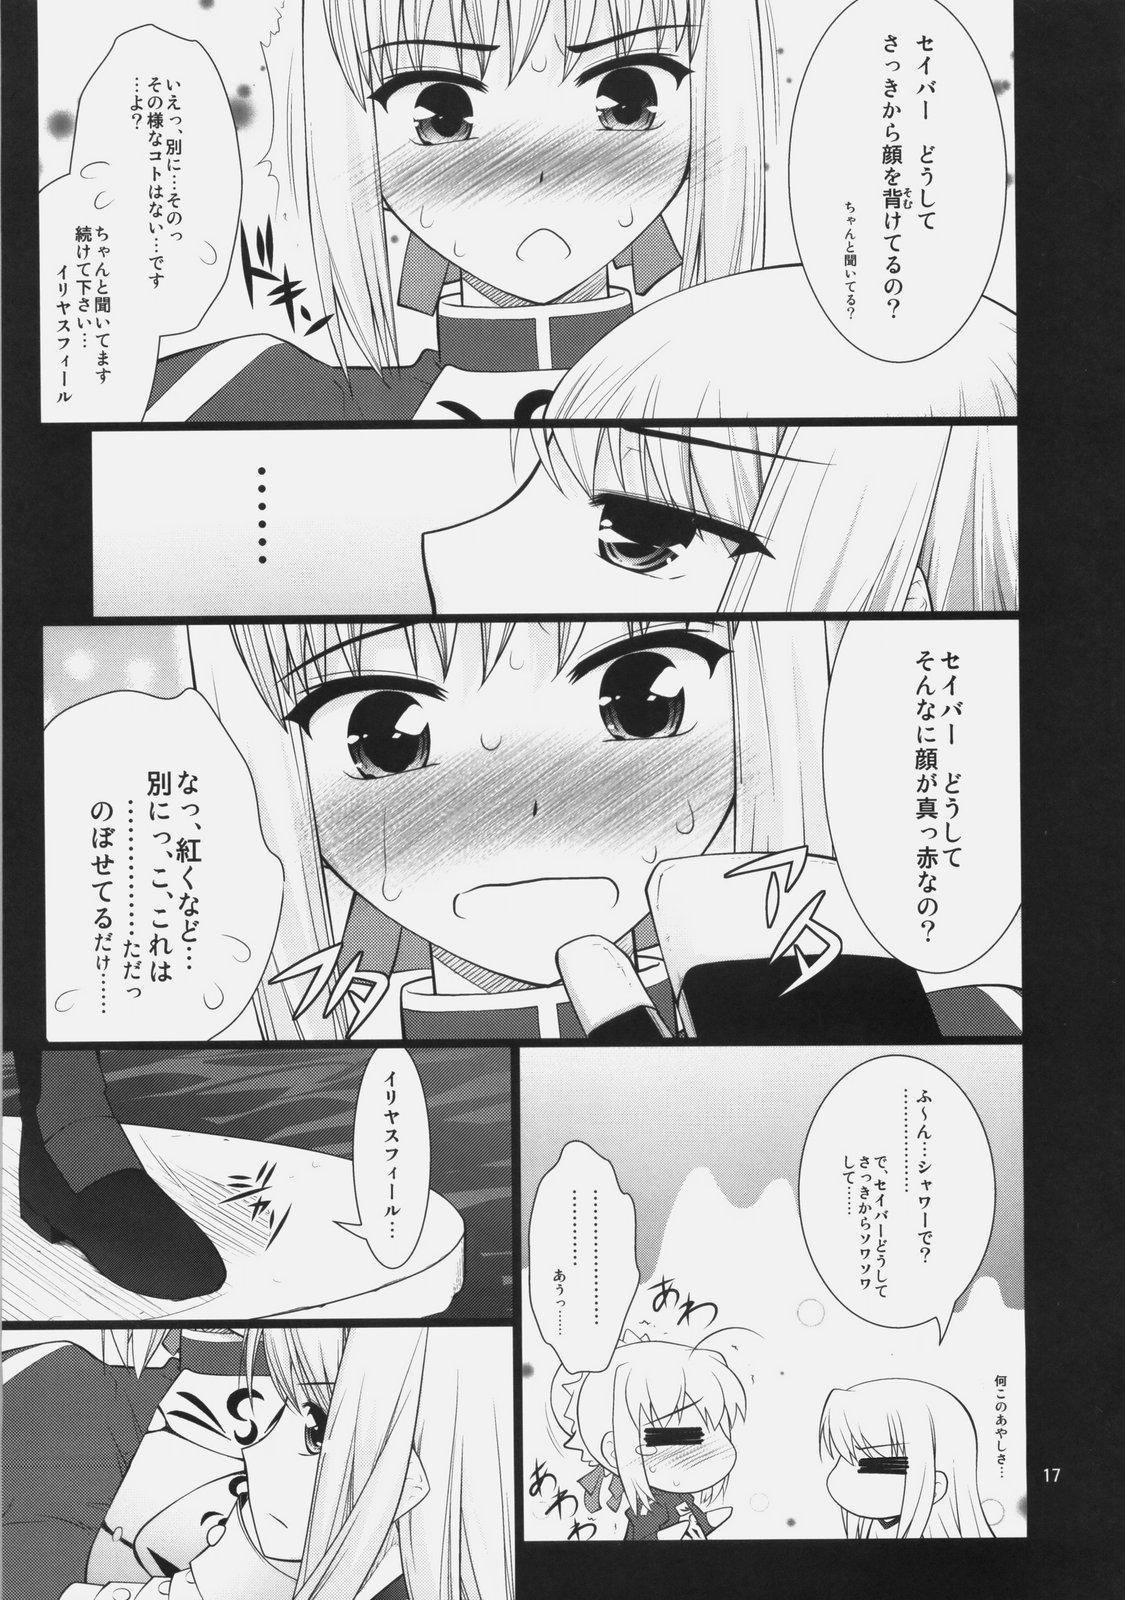 Fuun Sakura jou ~Chuu hen 2/2+Kou hen ~ 15